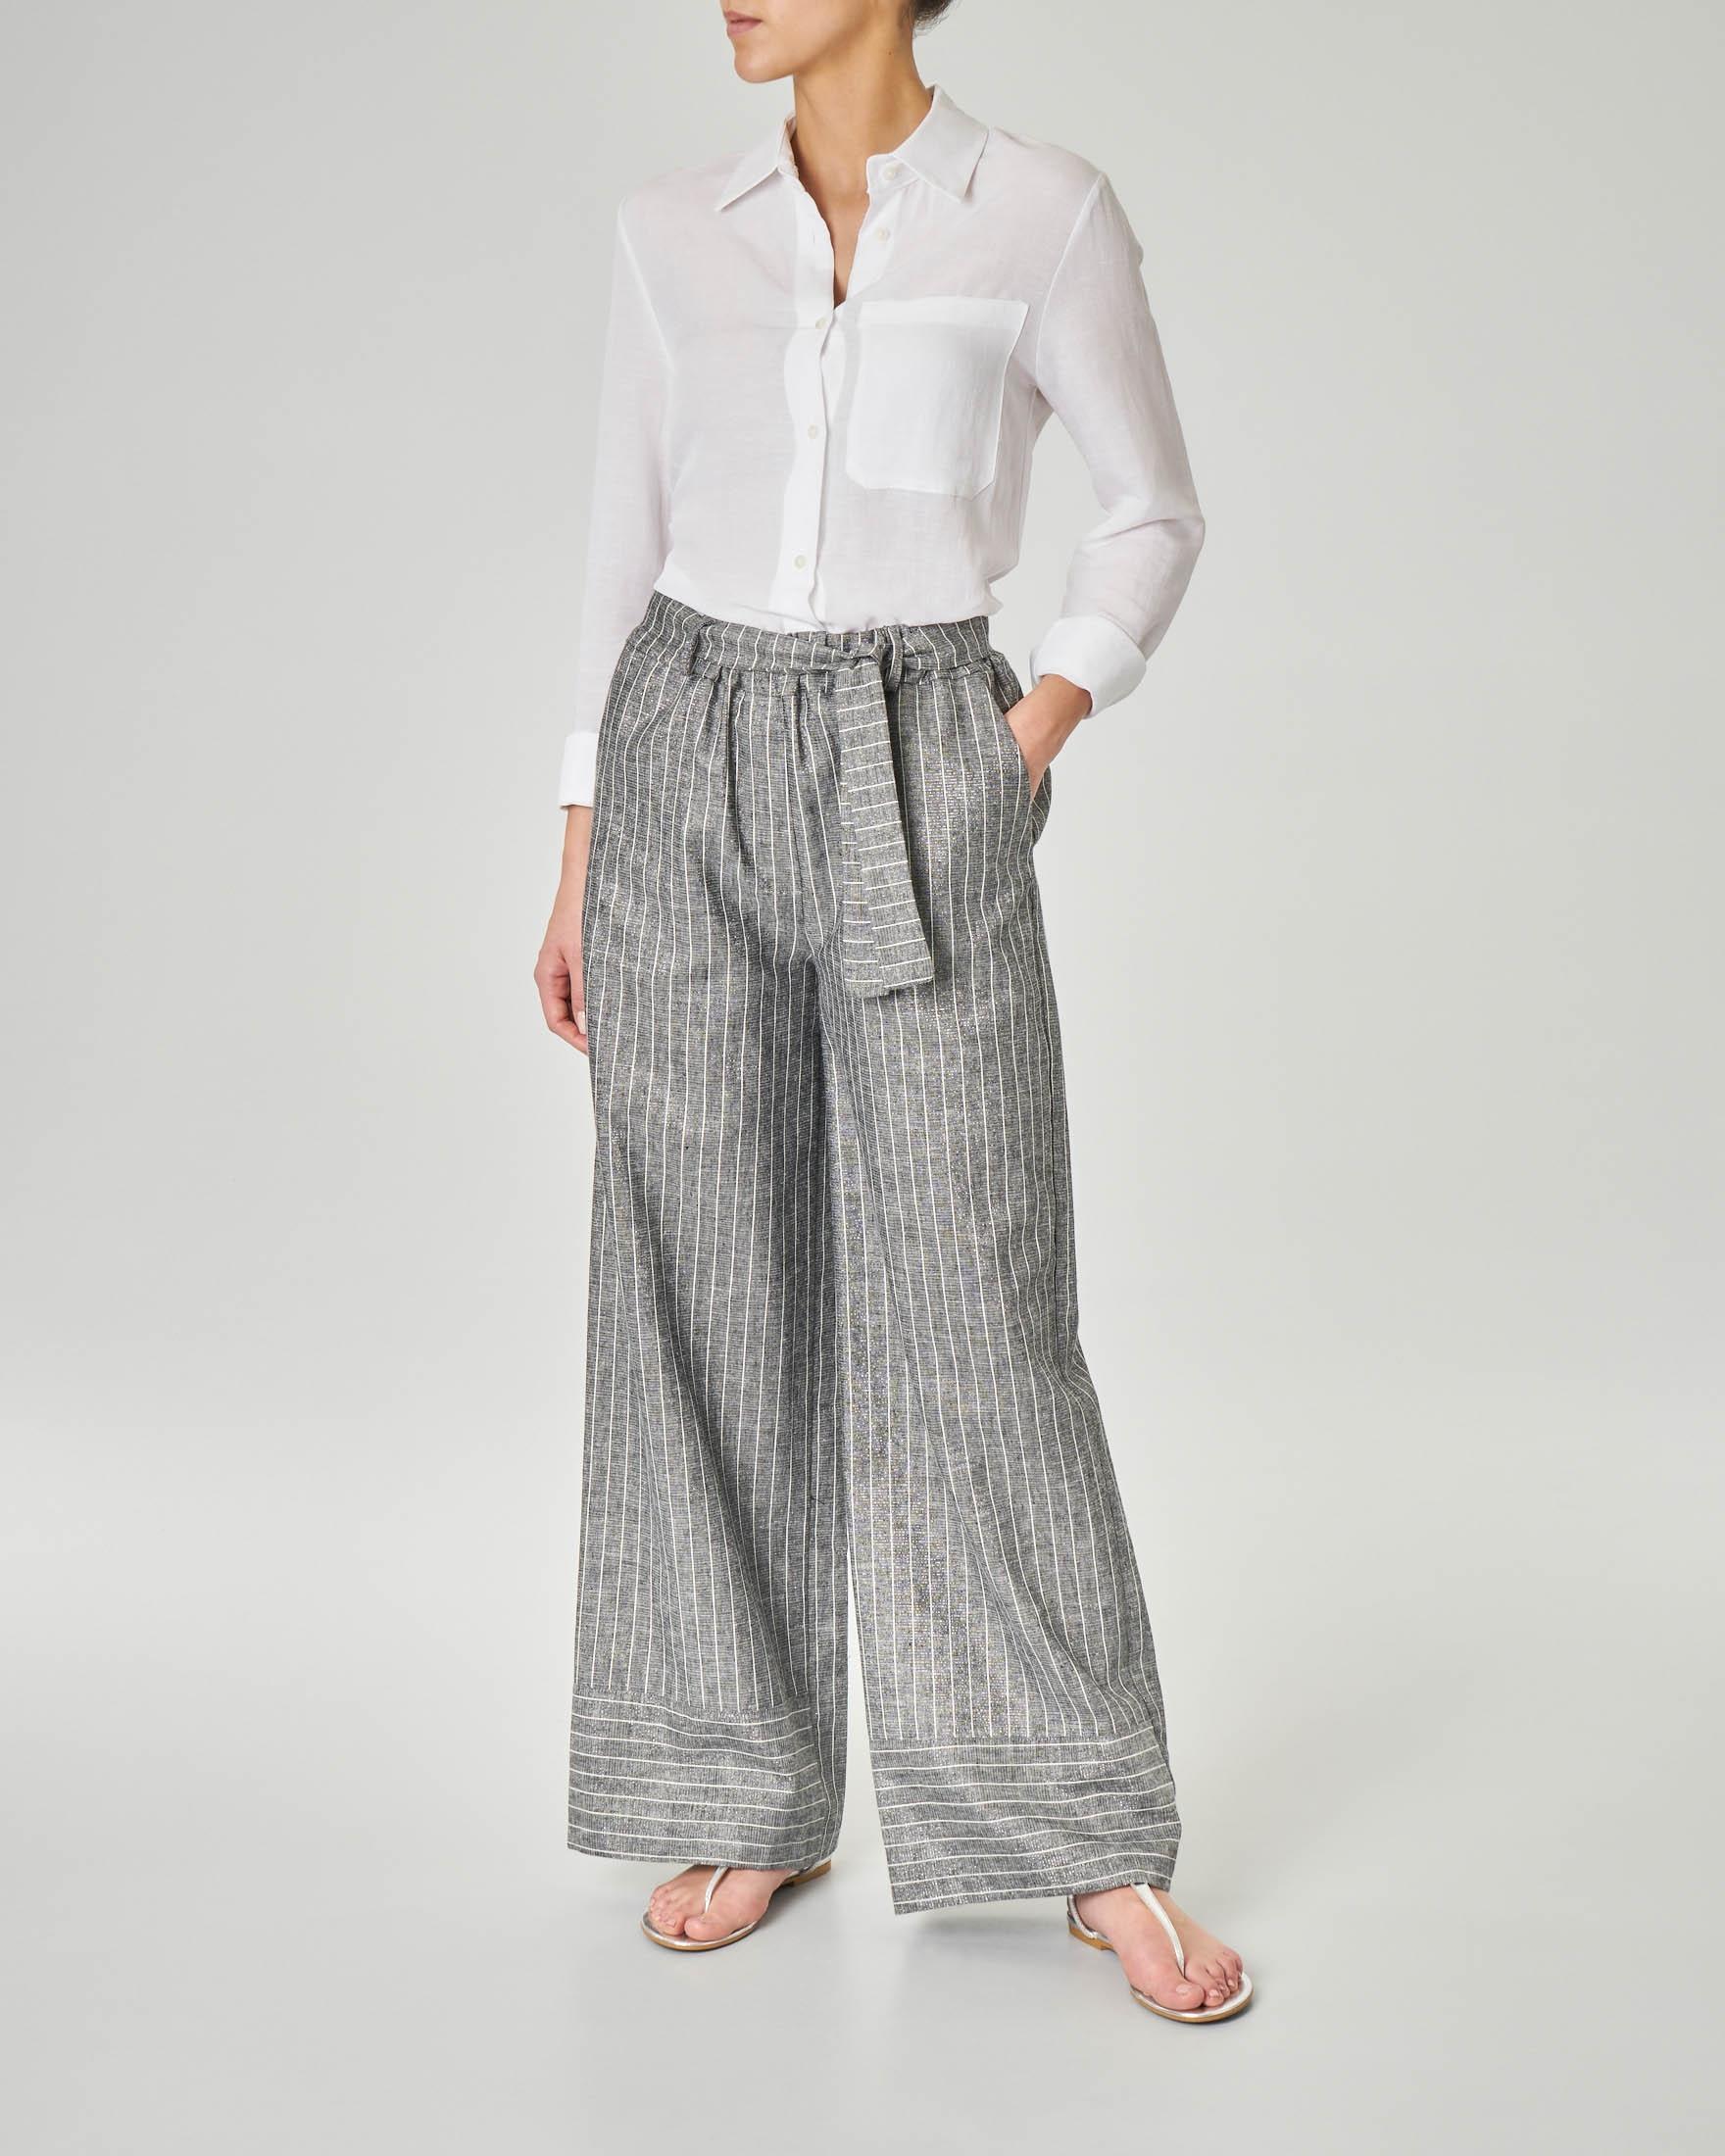 Pantaloni palazzo in viscosa e lino gessato con inserti in lurex